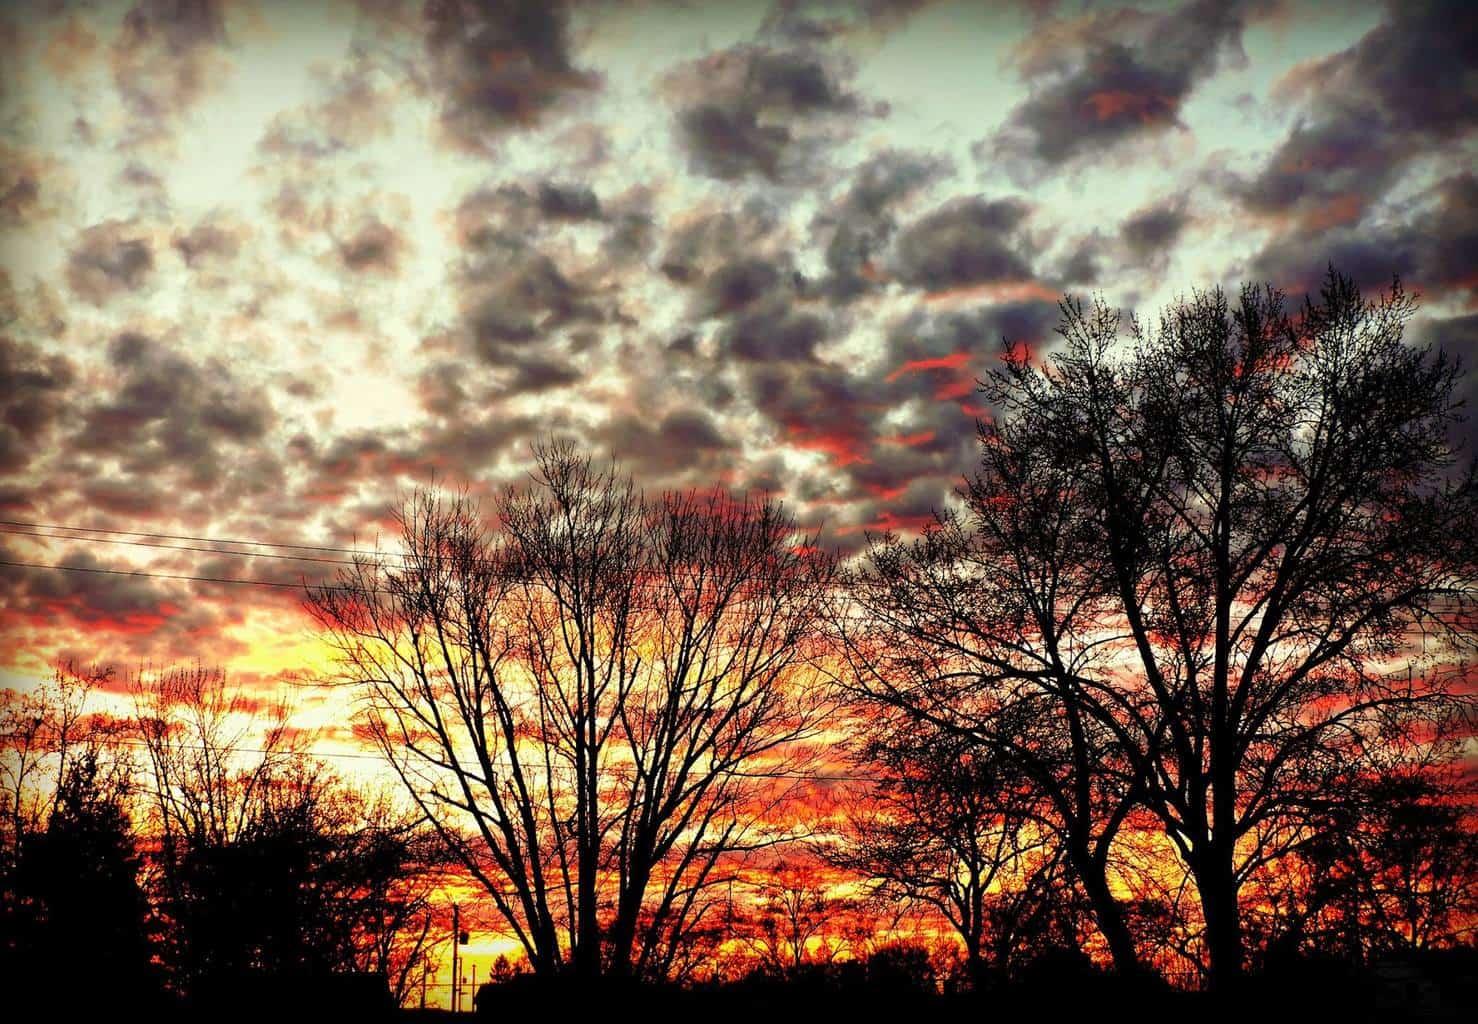 Sunrise this morning! Richland, Wa